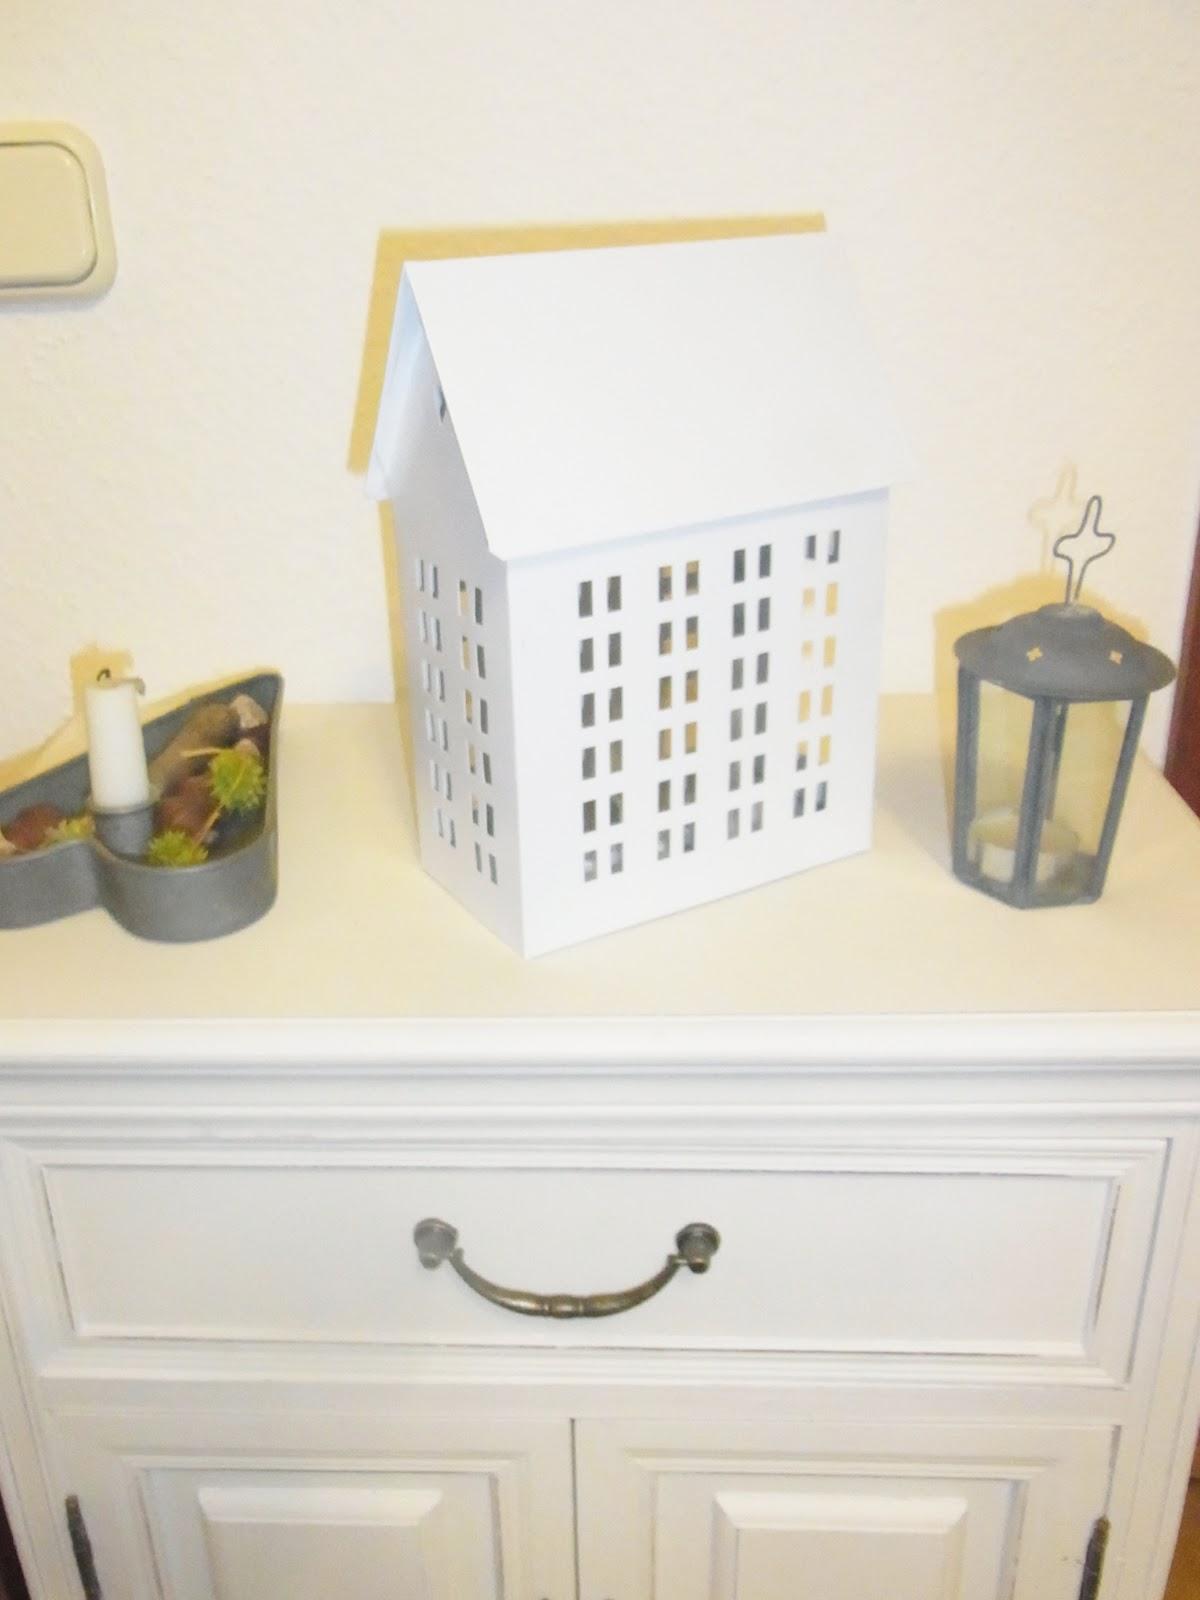 scottish home kleines wei es h uschen. Black Bedroom Furniture Sets. Home Design Ideas